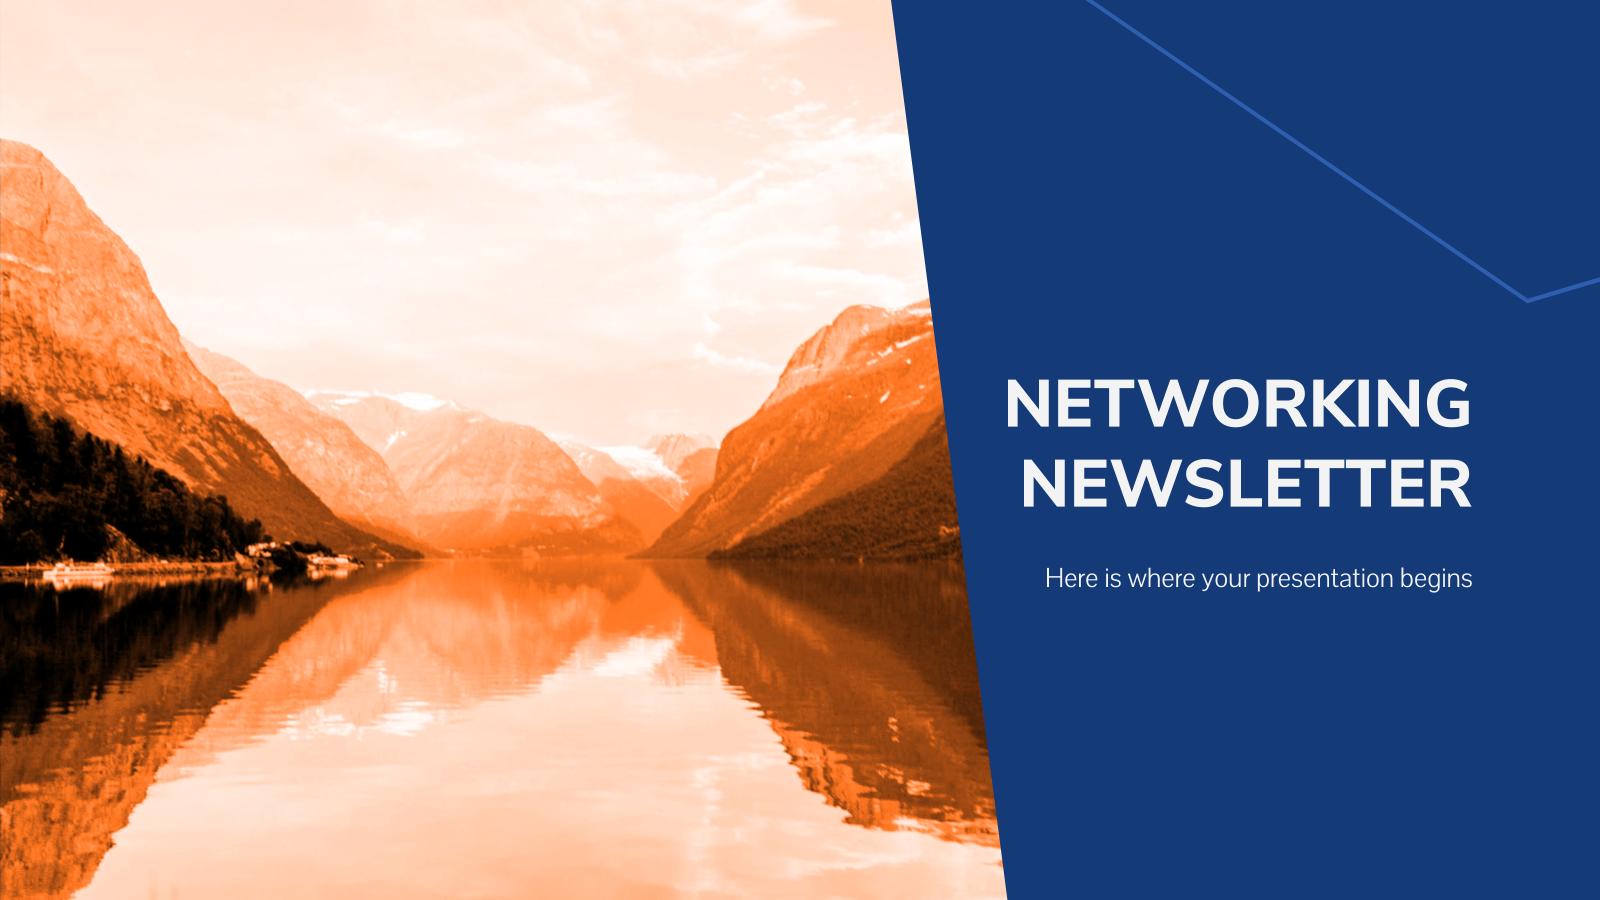 Plantilla de presentación Newsletter de networking